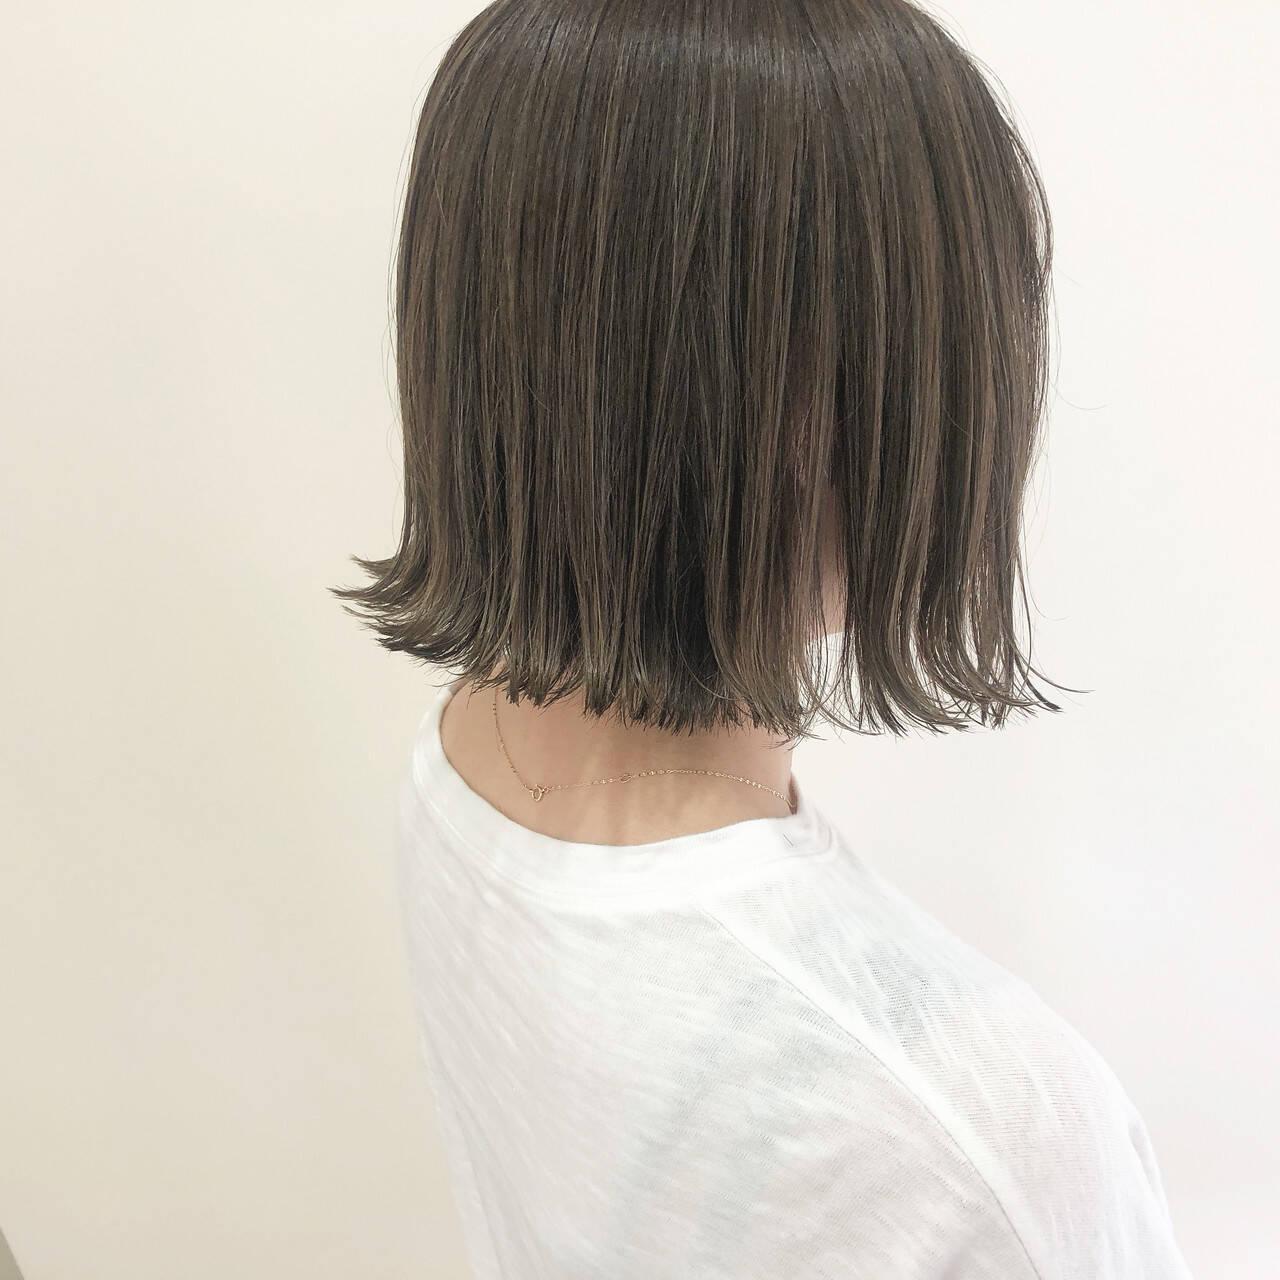 ボブ 切りっぱなしボブ ベージュ 透明感ヘアスタイルや髪型の写真・画像